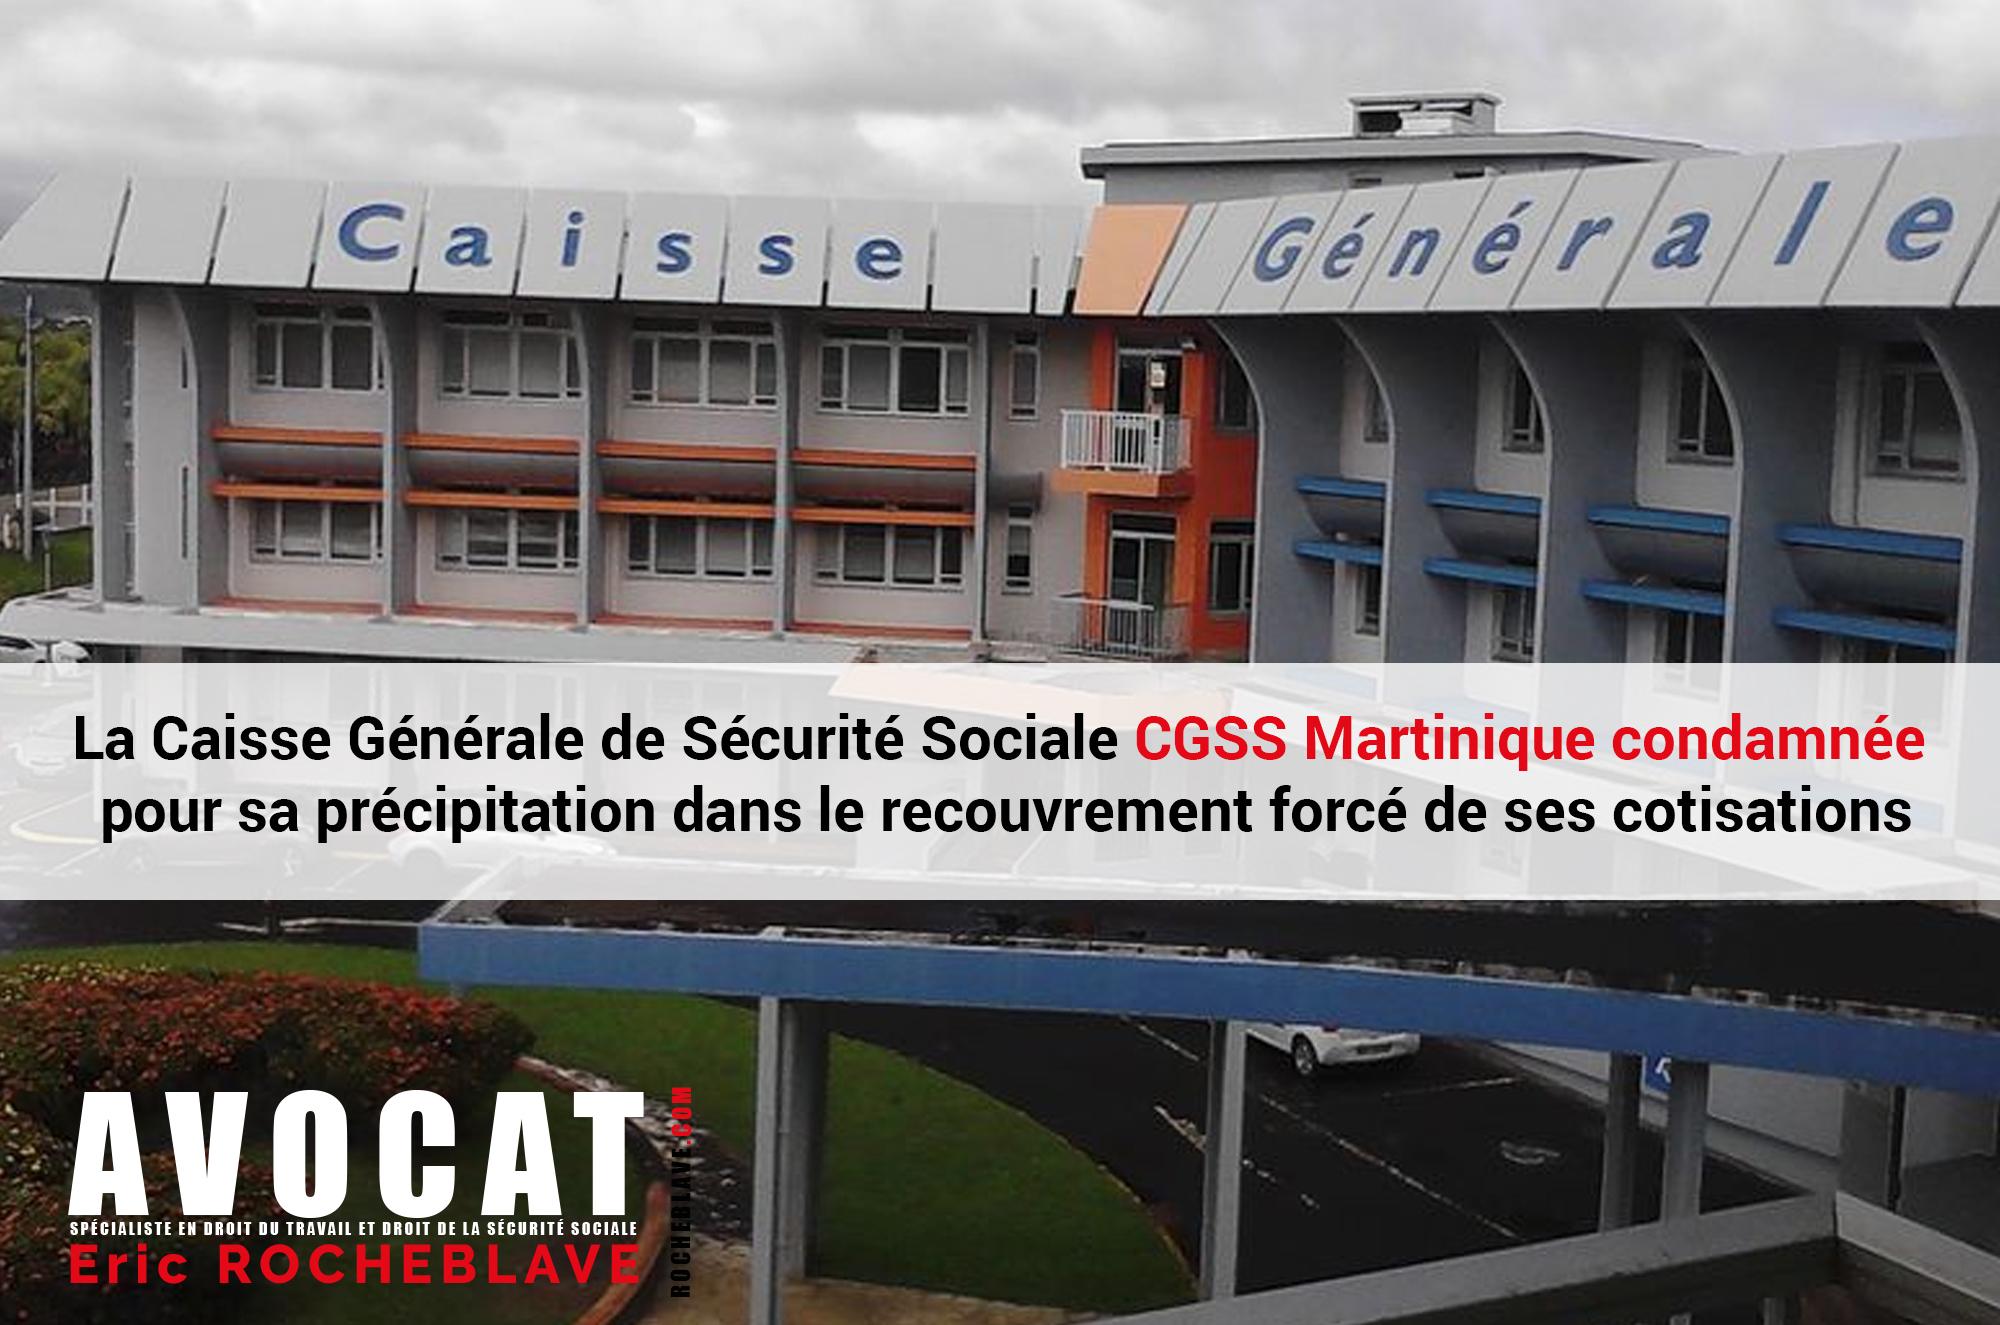 La Caisse Générale de Sécurité Sociale CGSS Martinique condamnée pour sa précipitation dans le recouvrement forcé de ses cotisations